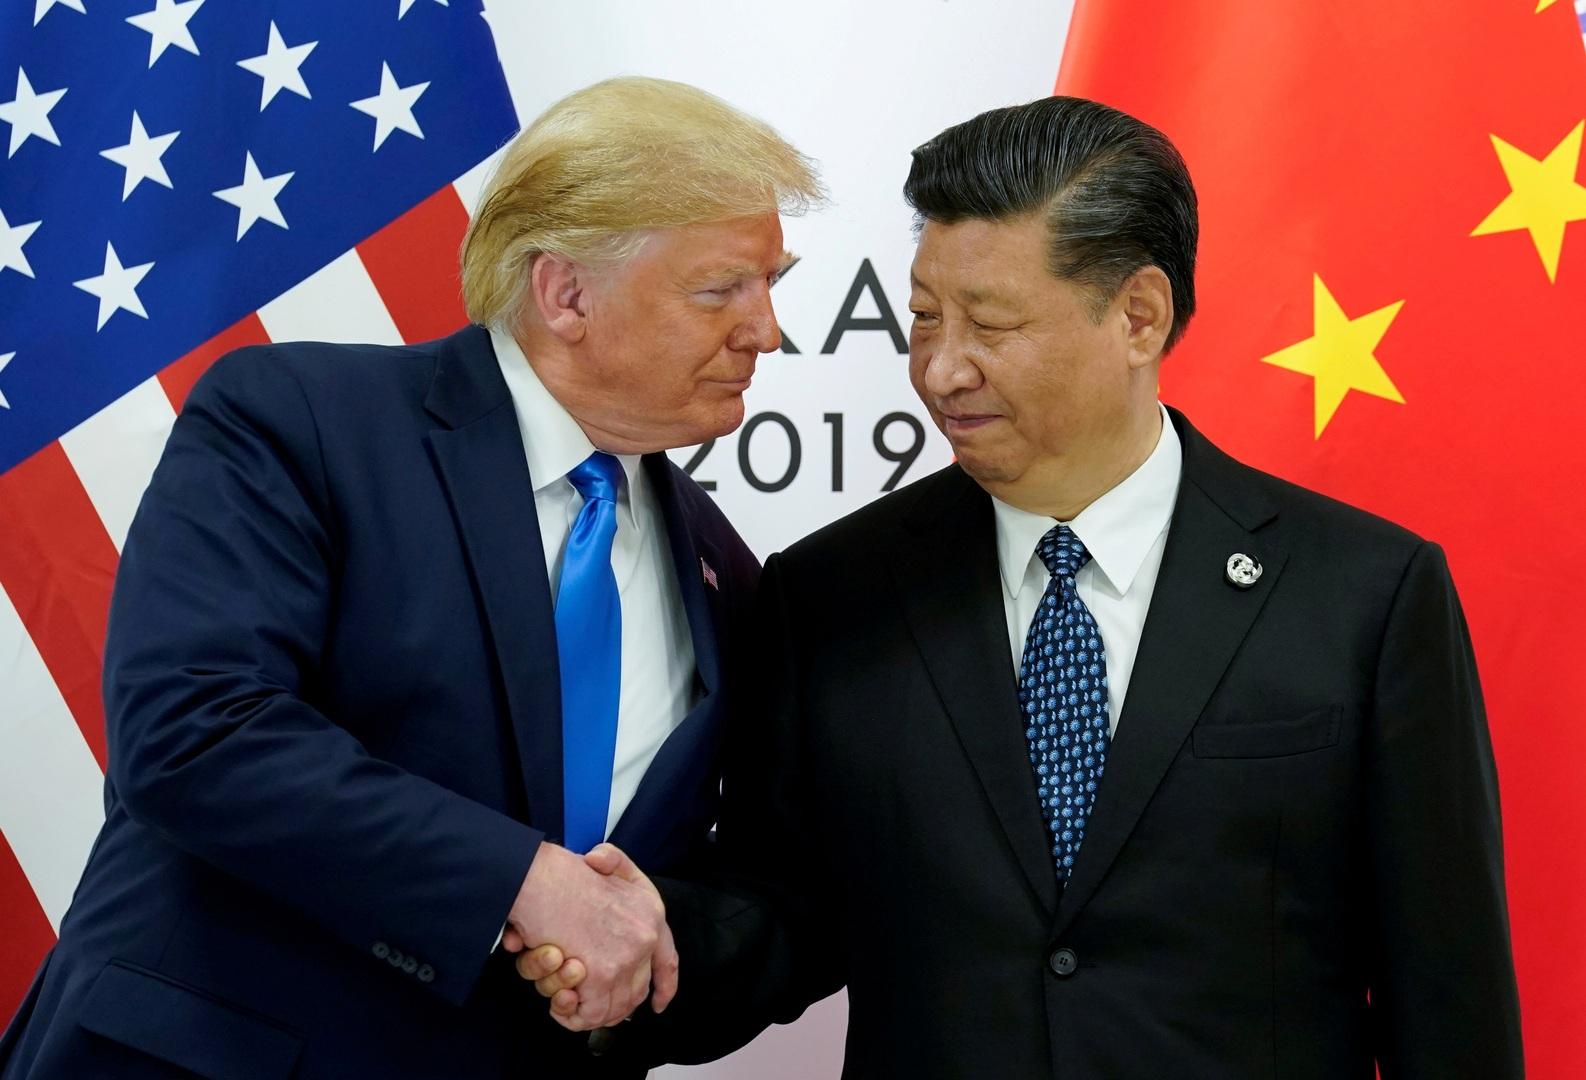 بكين: نسعى لاتفاق تجاري مع واشنطن لكننا لا نخشى الحرب معها